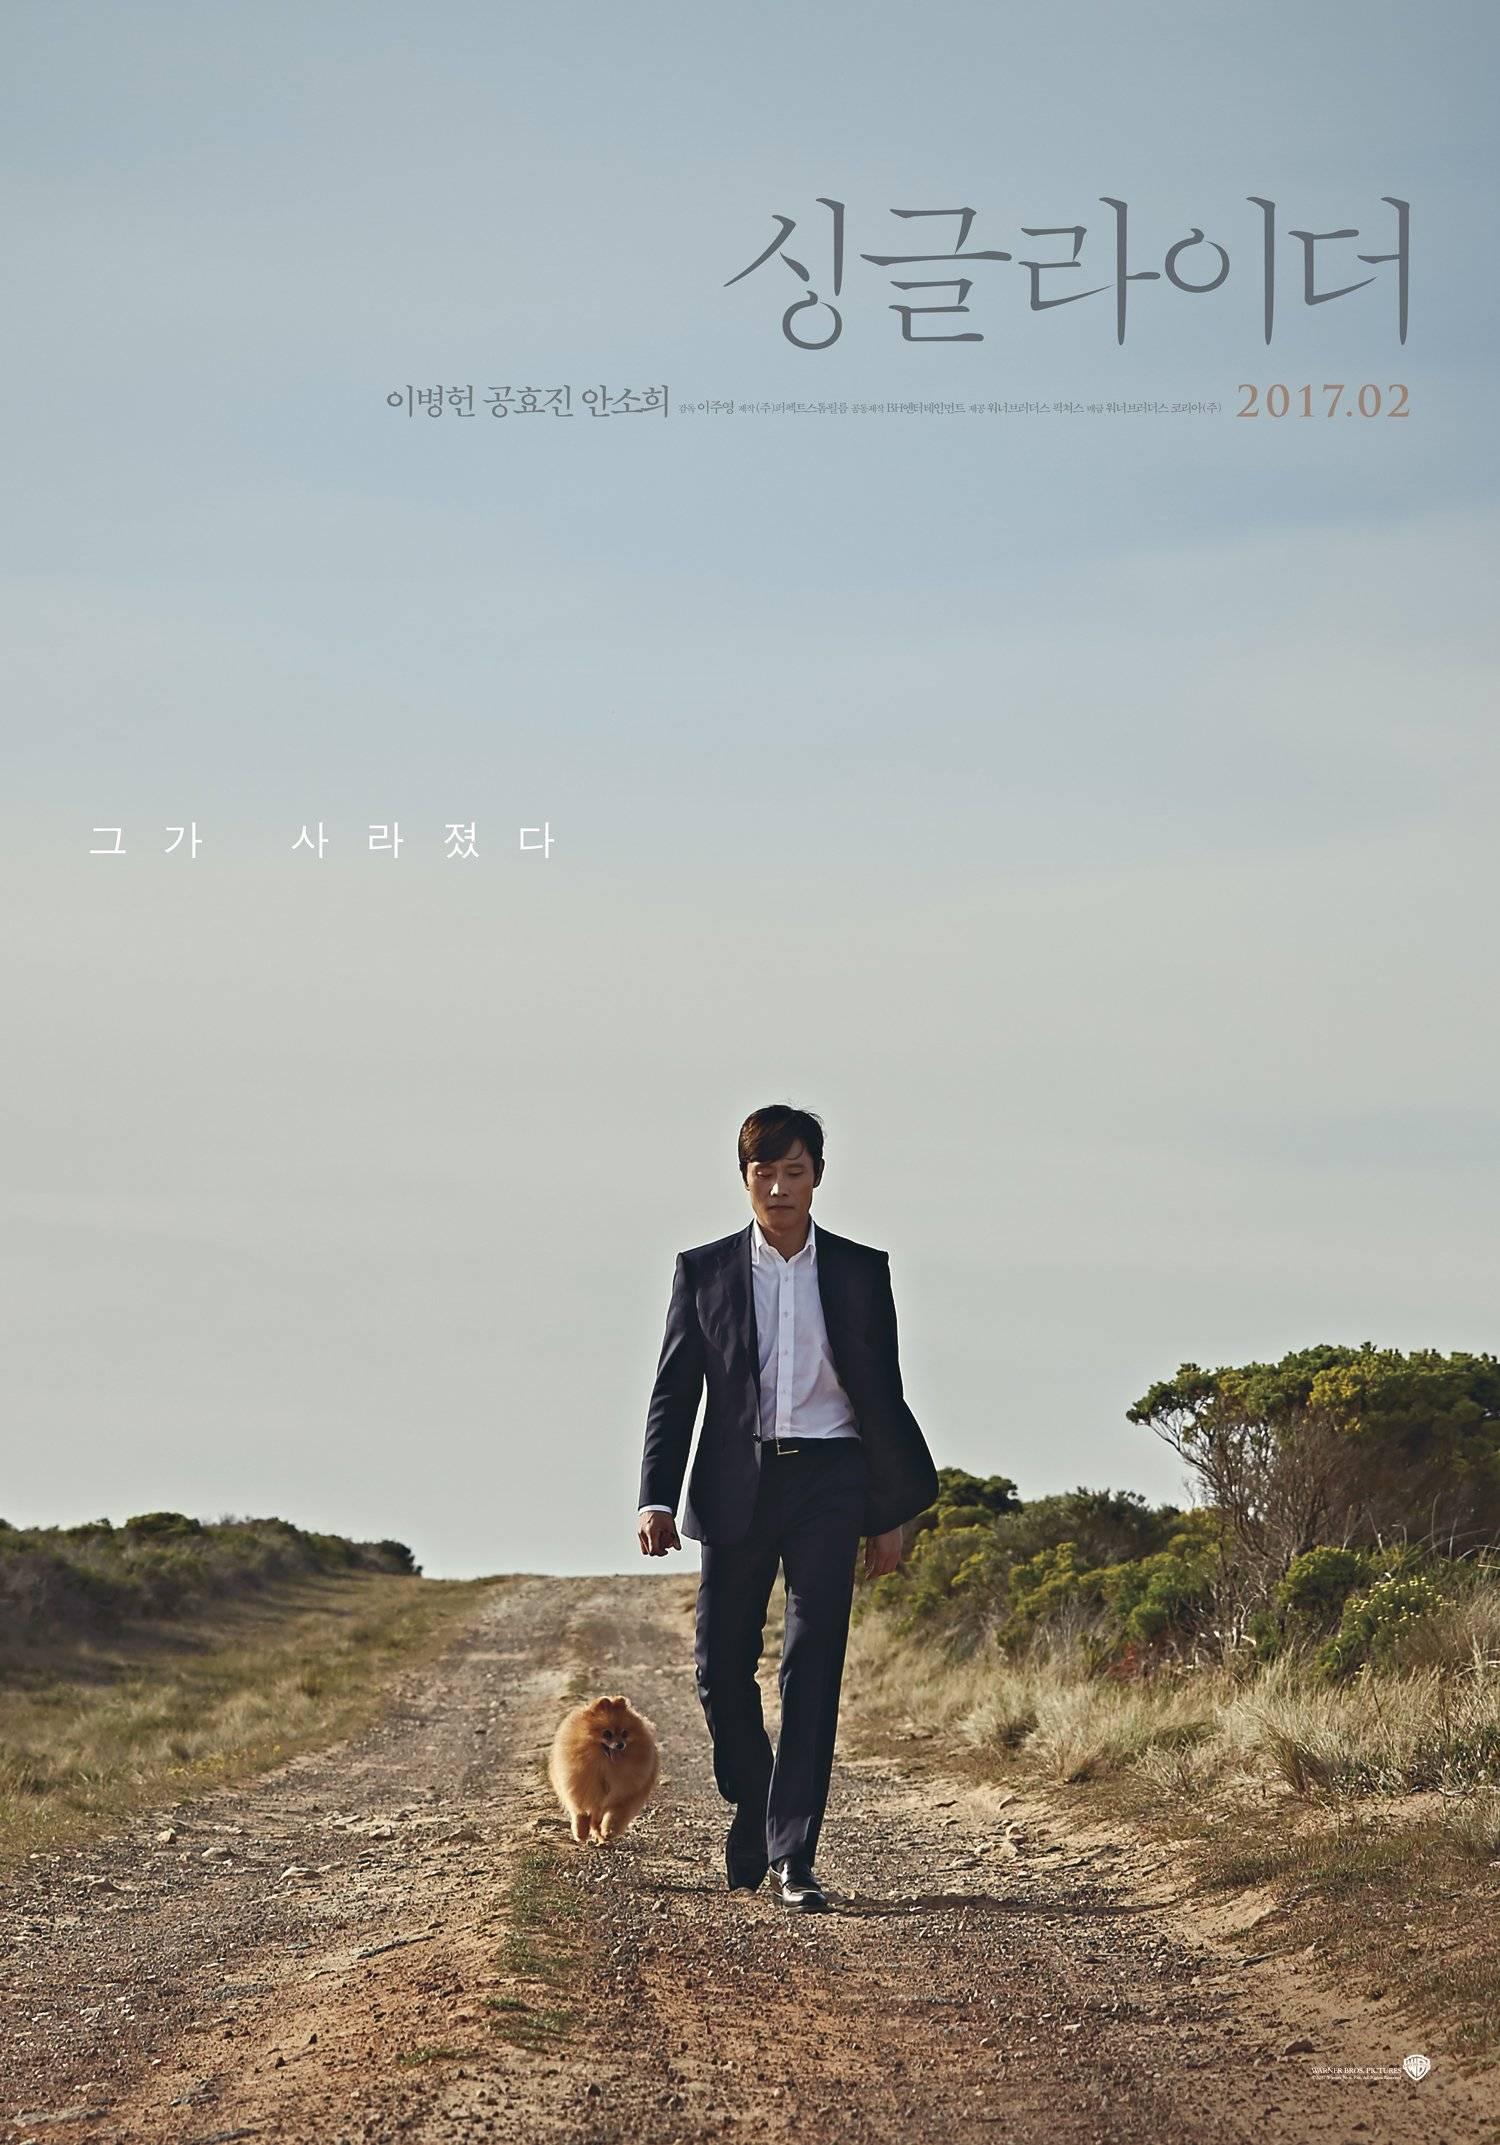 Resultado de imagen de singles rider korean movie poster